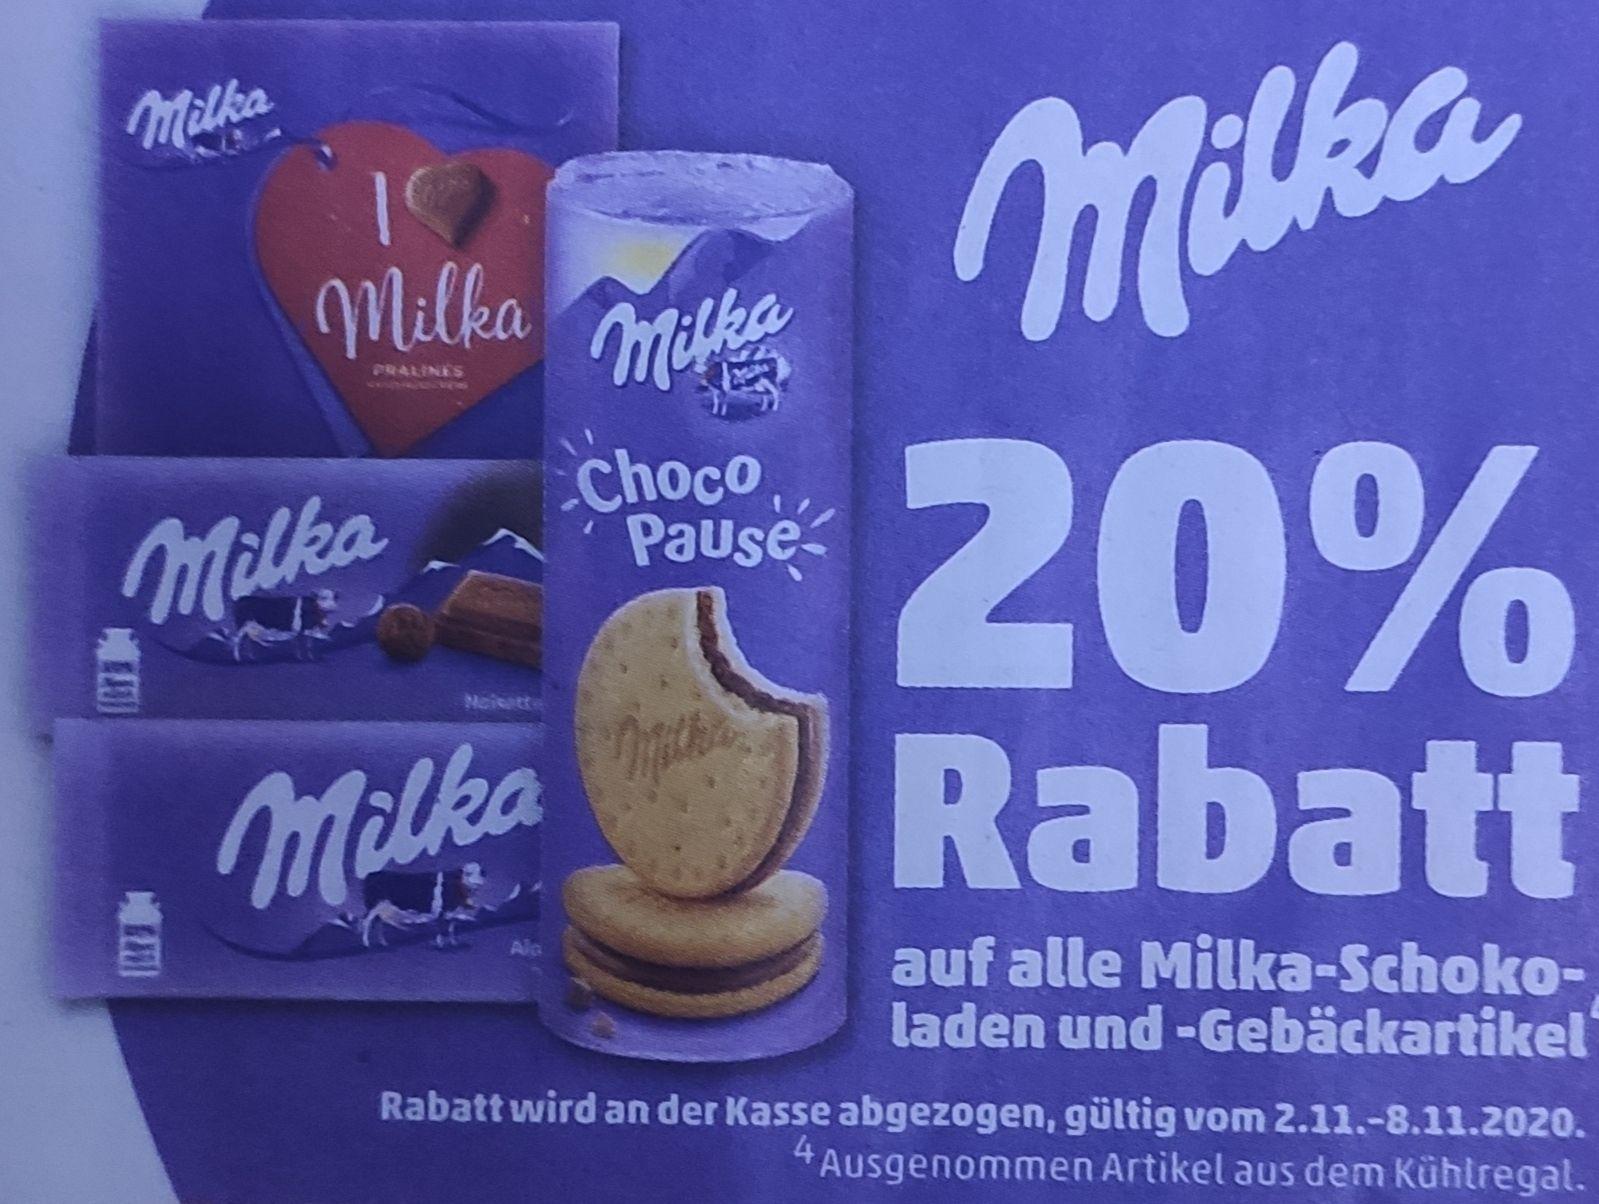 [Penny] 20% auf alle Milka Produkte + kombinierbar mit Coupon oder/und Coupies Cashback